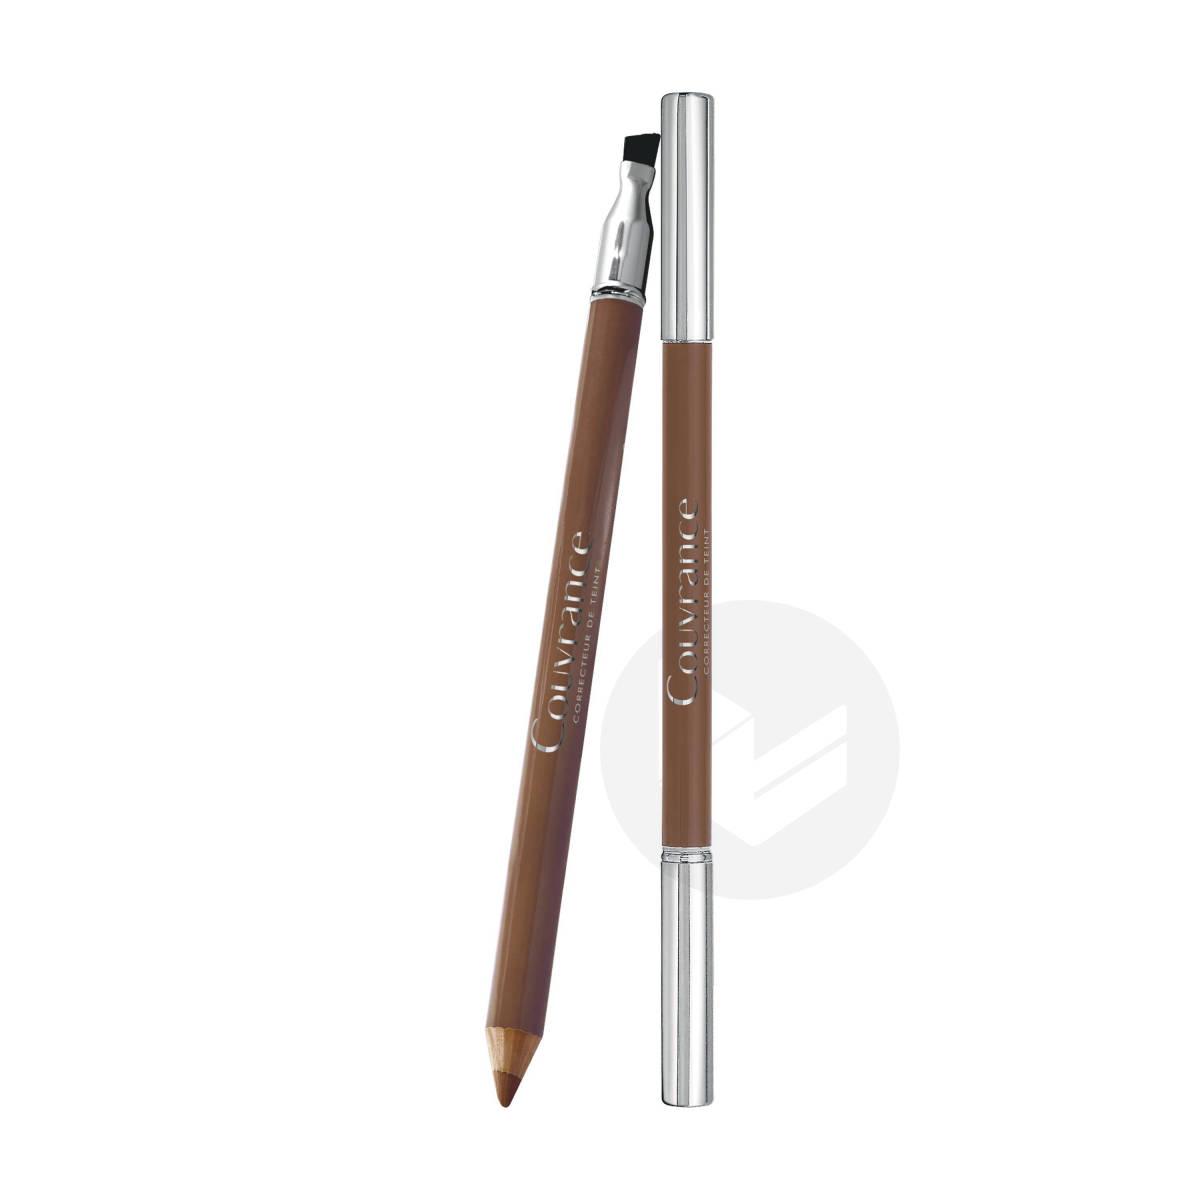 Crayon Correcteur Sourcils Blonds 1,19g